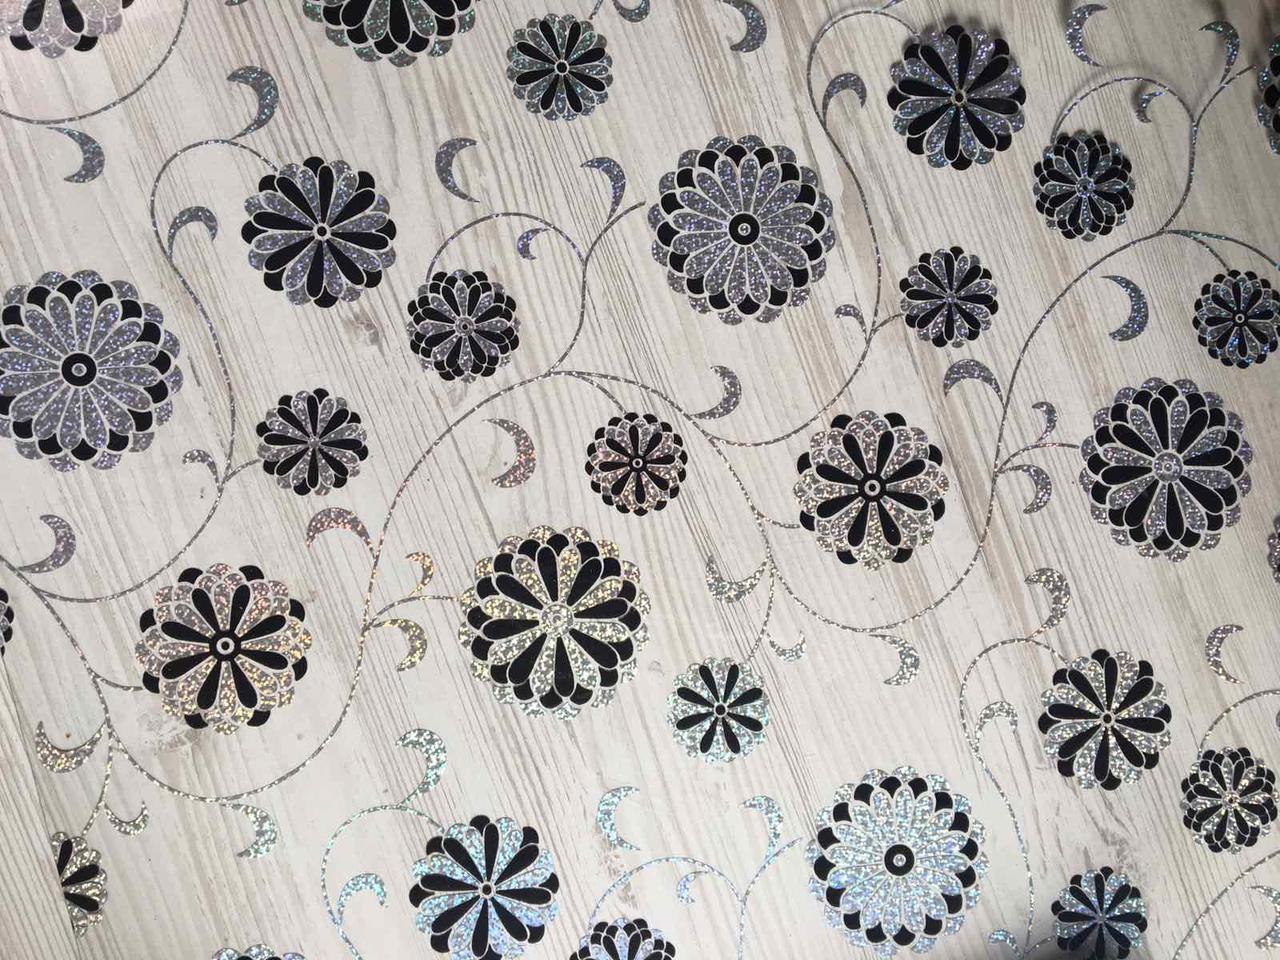 Скатертина м'яке скло Soft Glass з лазерним малюнком 2.1х0.8м (товщина 1.5 мм) Сріблясто-чорні квіти